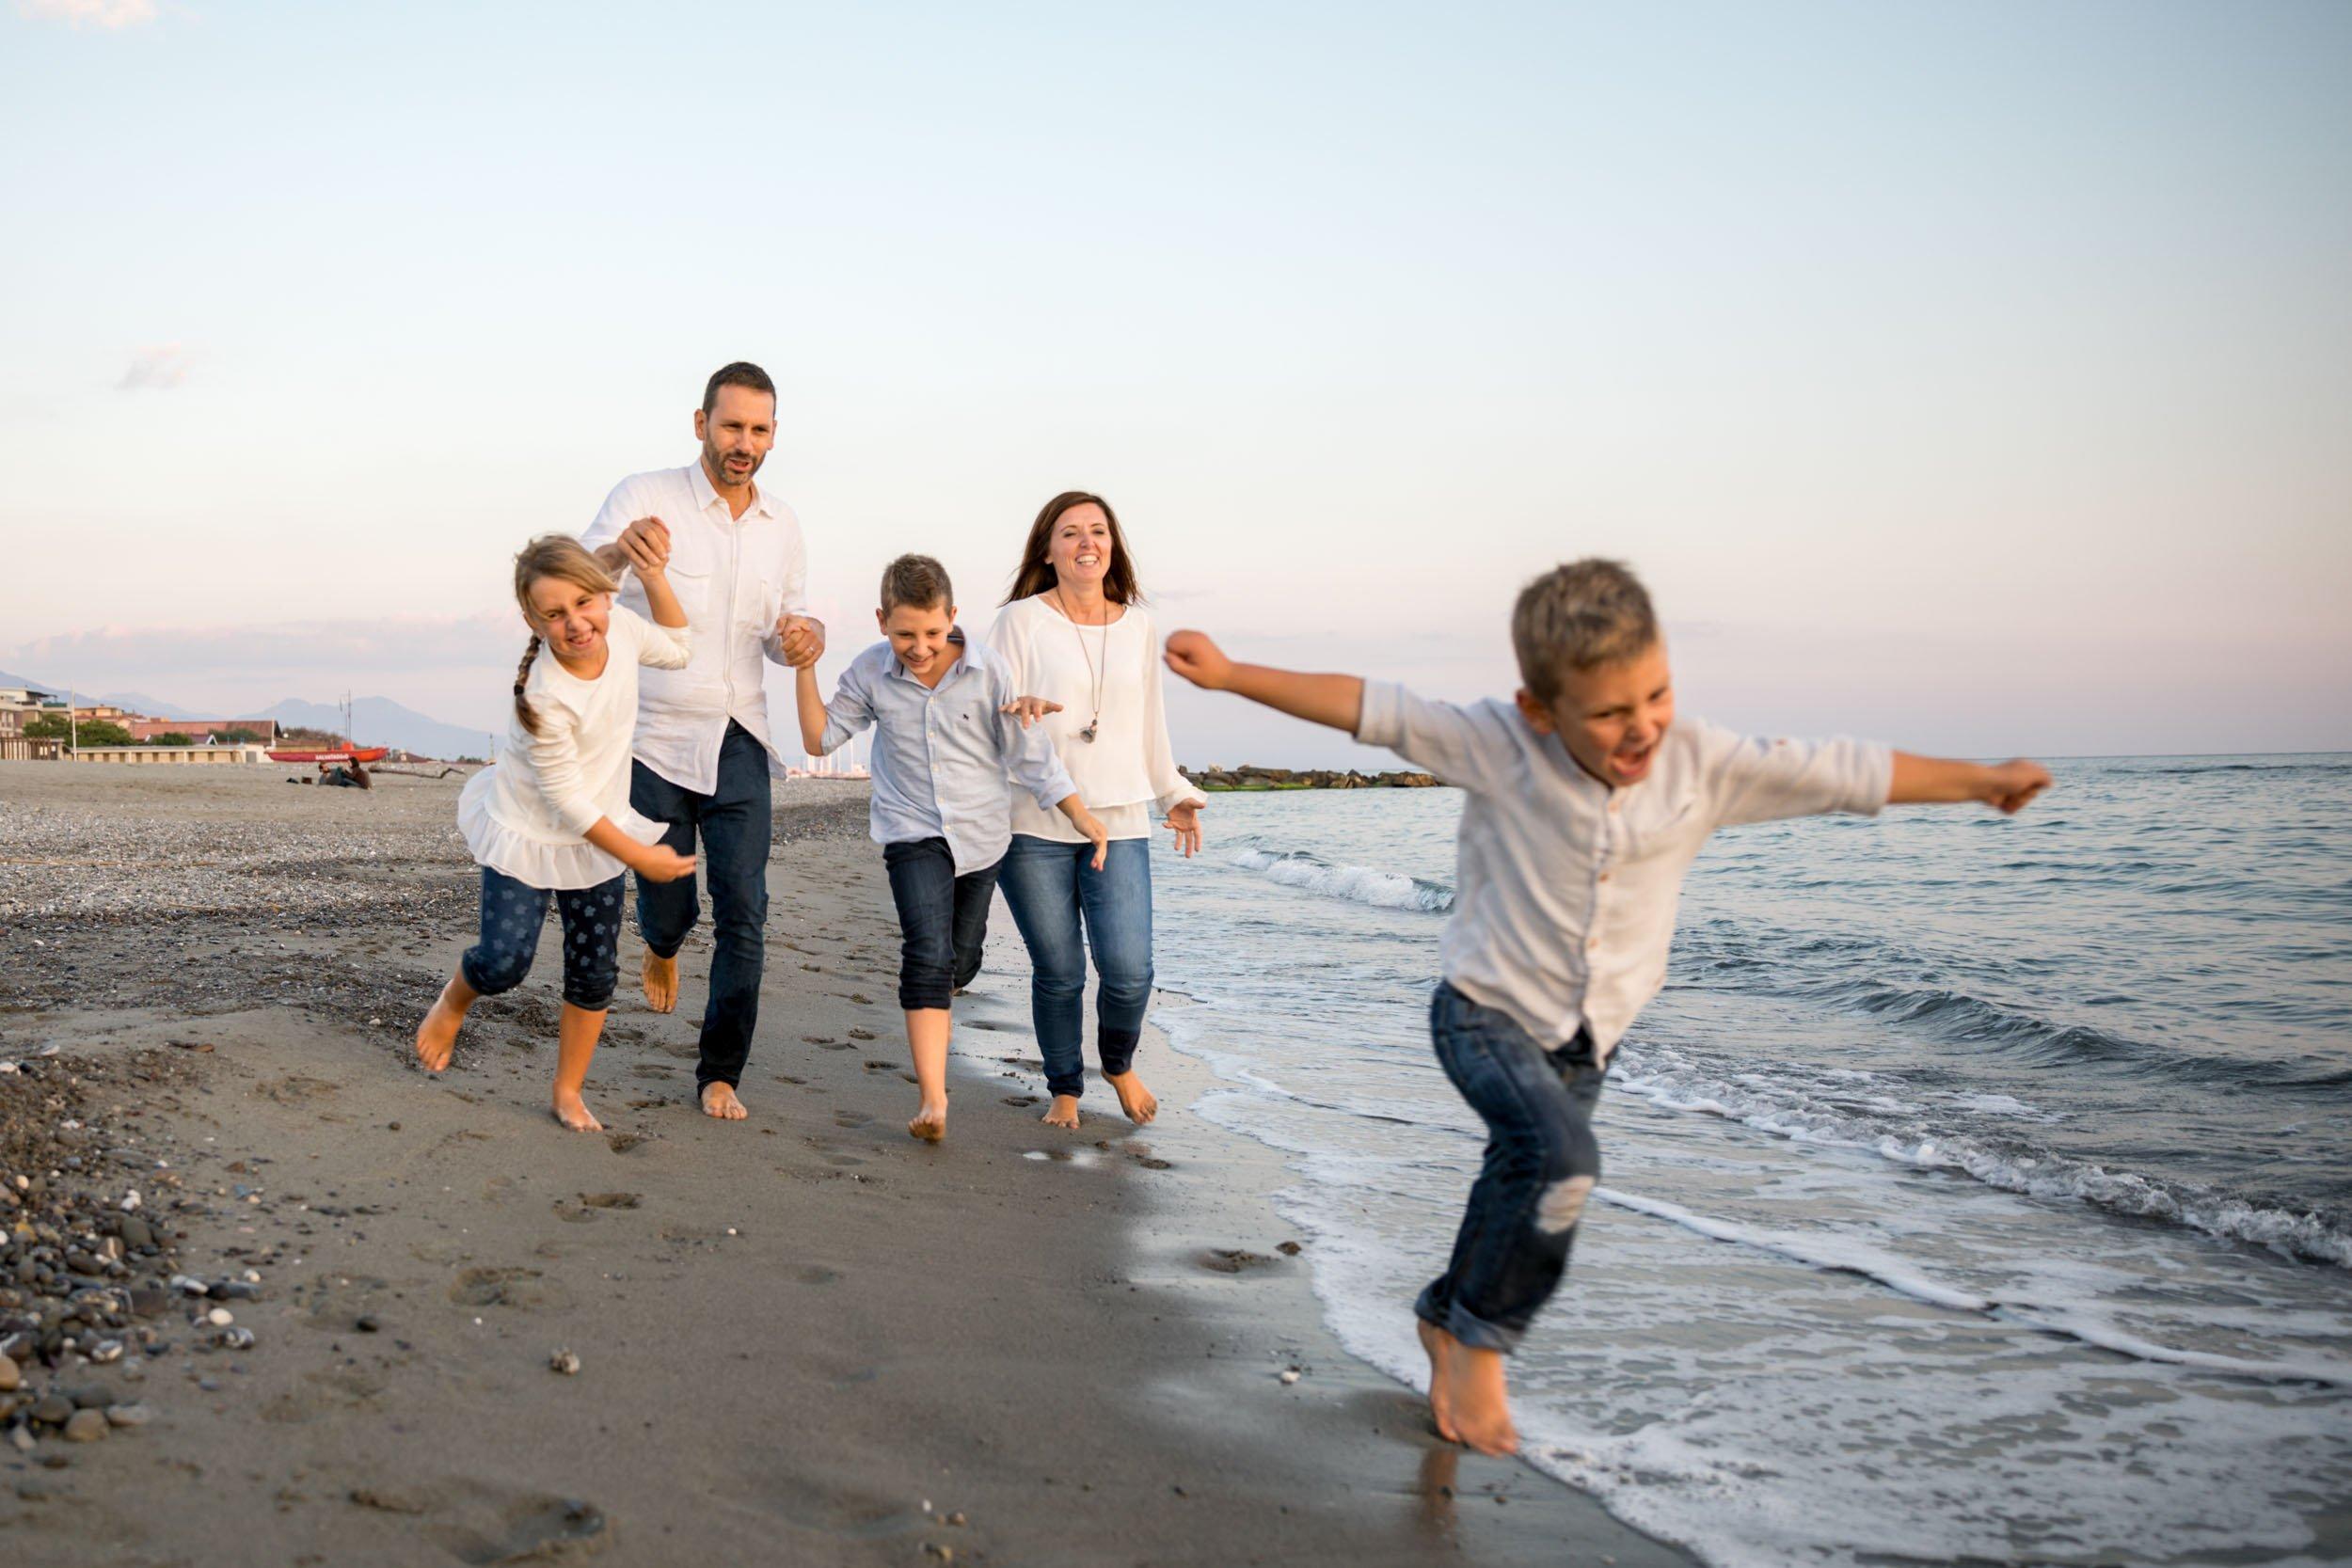 fotografi bambini famiglia massa carrara la spezia viareggio